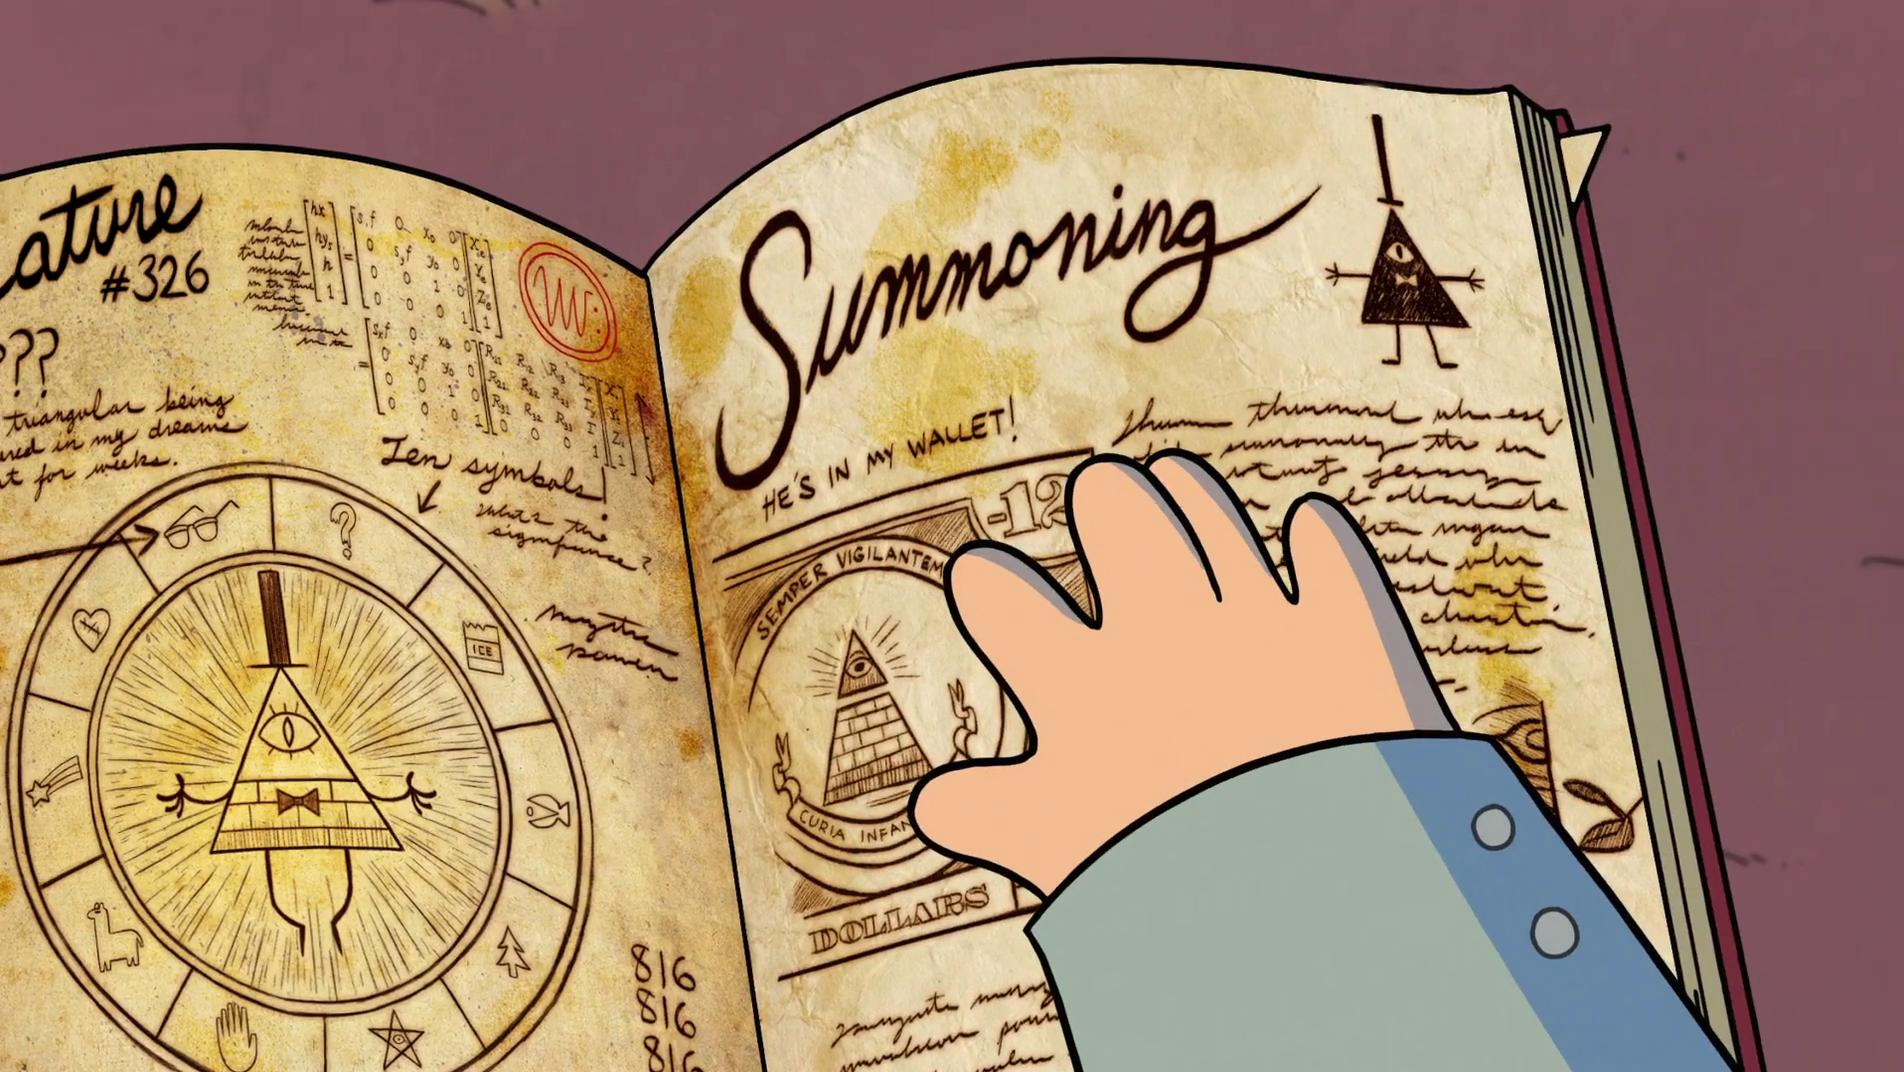 фолз второй картинки гравити дневник